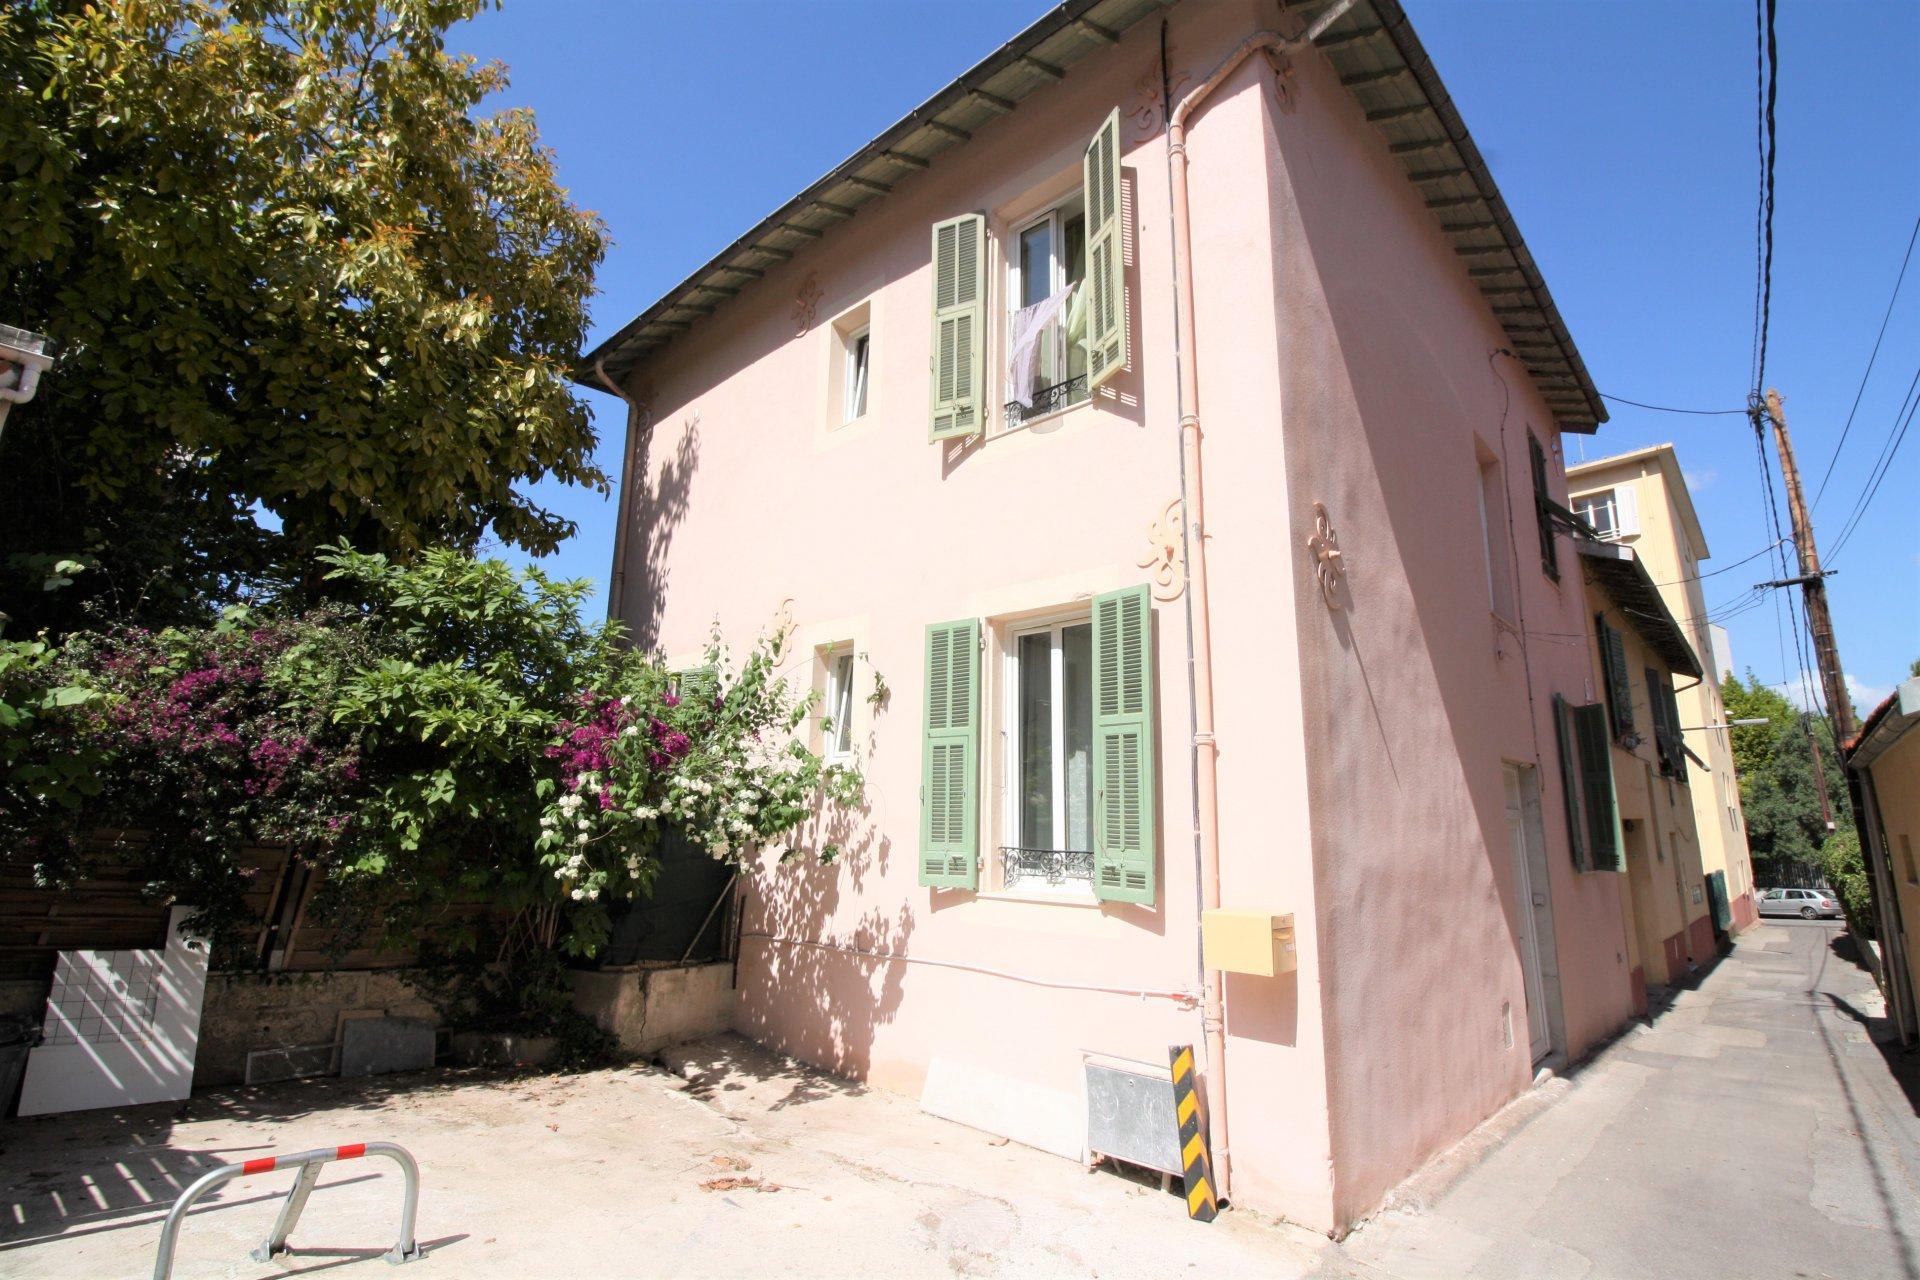 Maison – Chambrun – 130M²